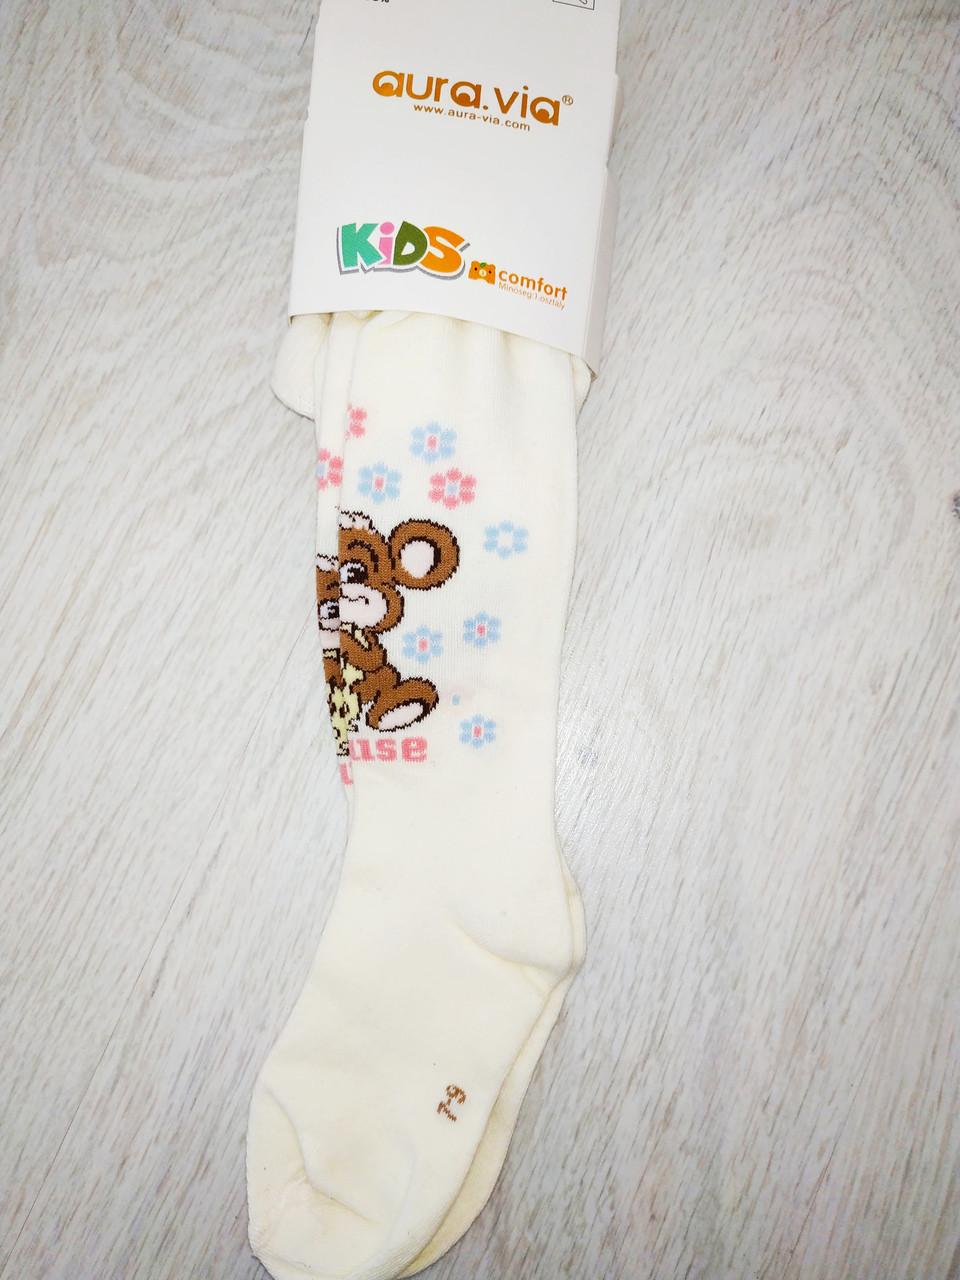 Детские колготы хлопок 100%, Avra.via, Венгрия,  арт. 0826, 10-12 лет